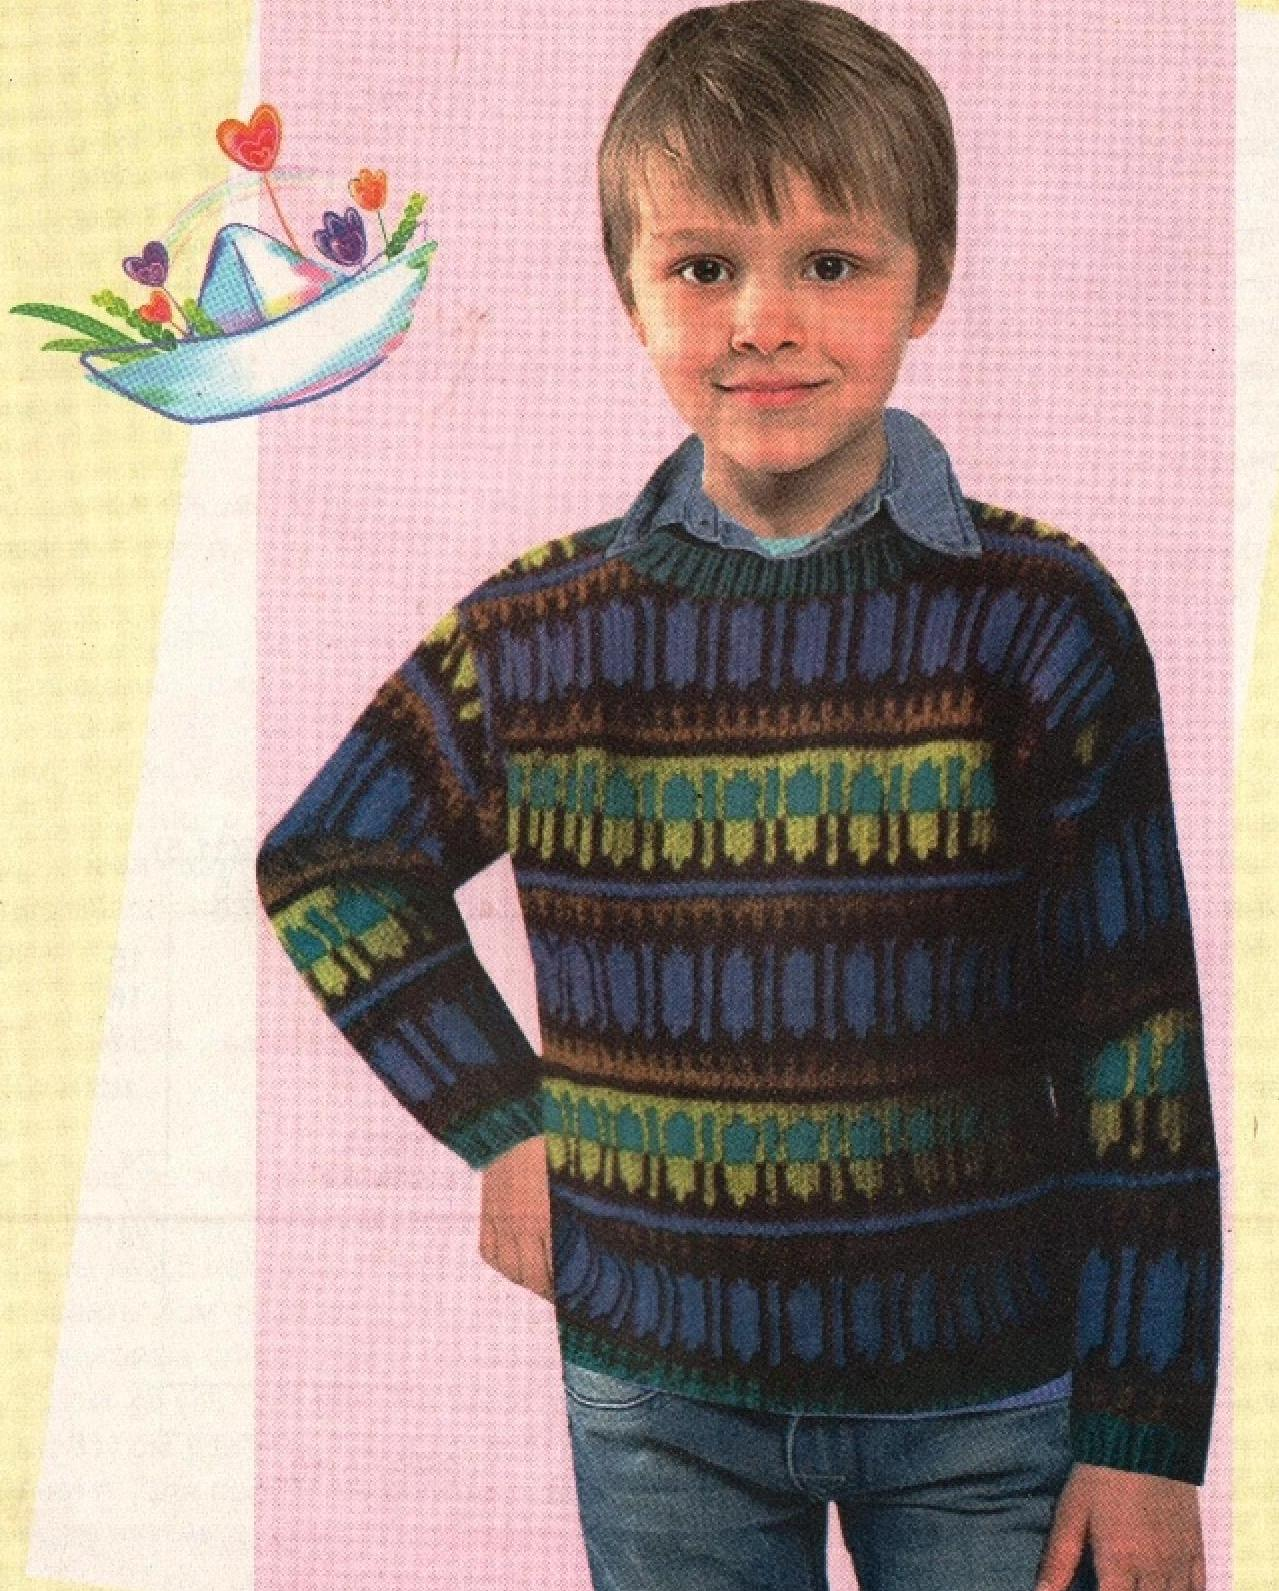 Свитер с жаккардовыми узорами на мальчика вязаный спицами